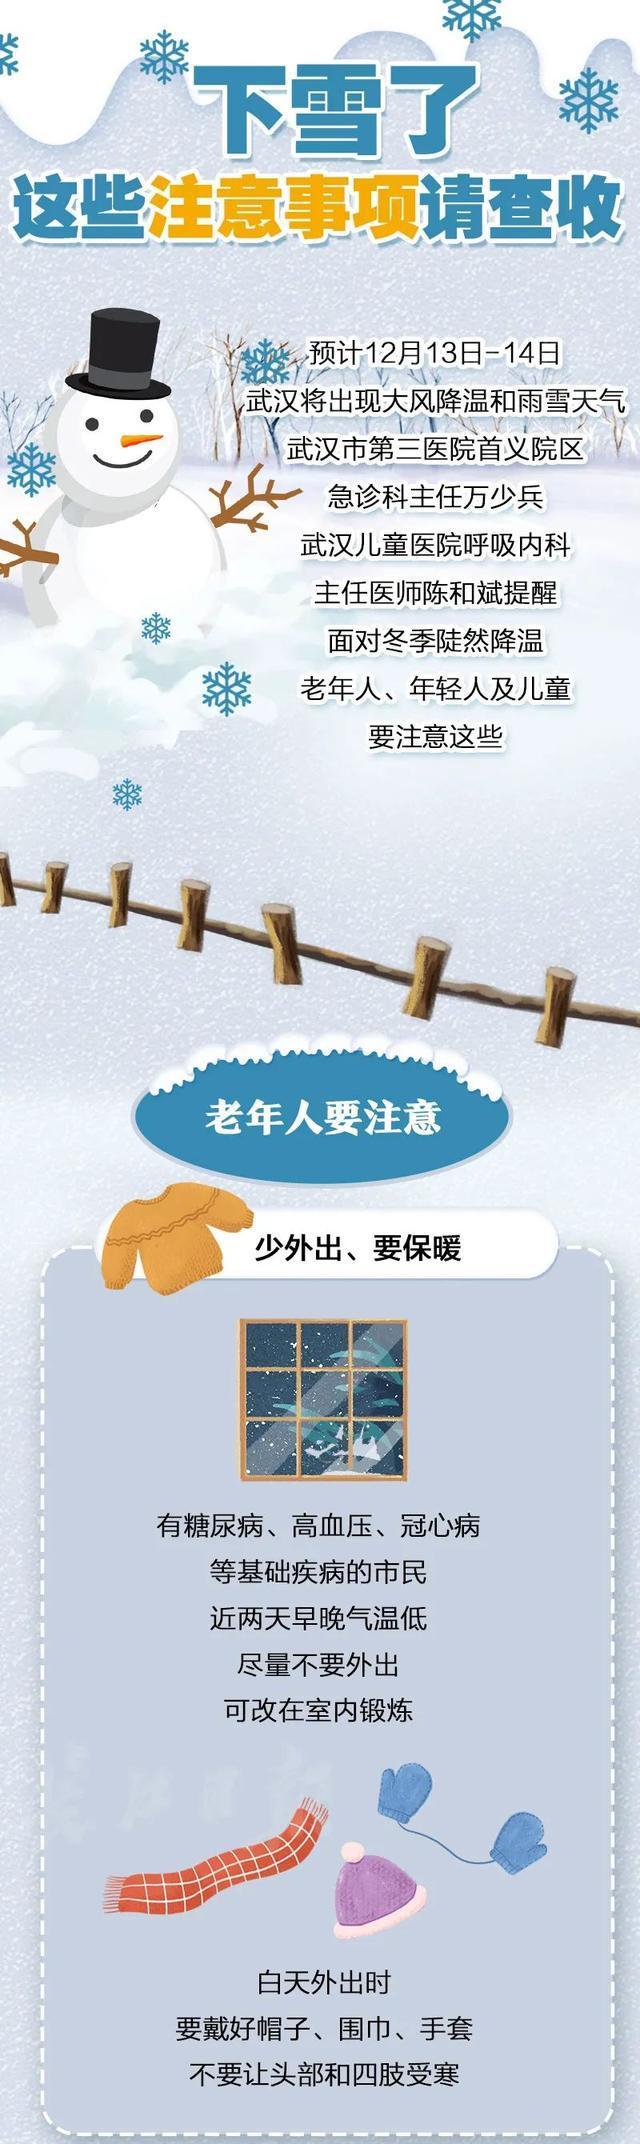 看,武汉下雪了!请检查这些笔记。 第6张